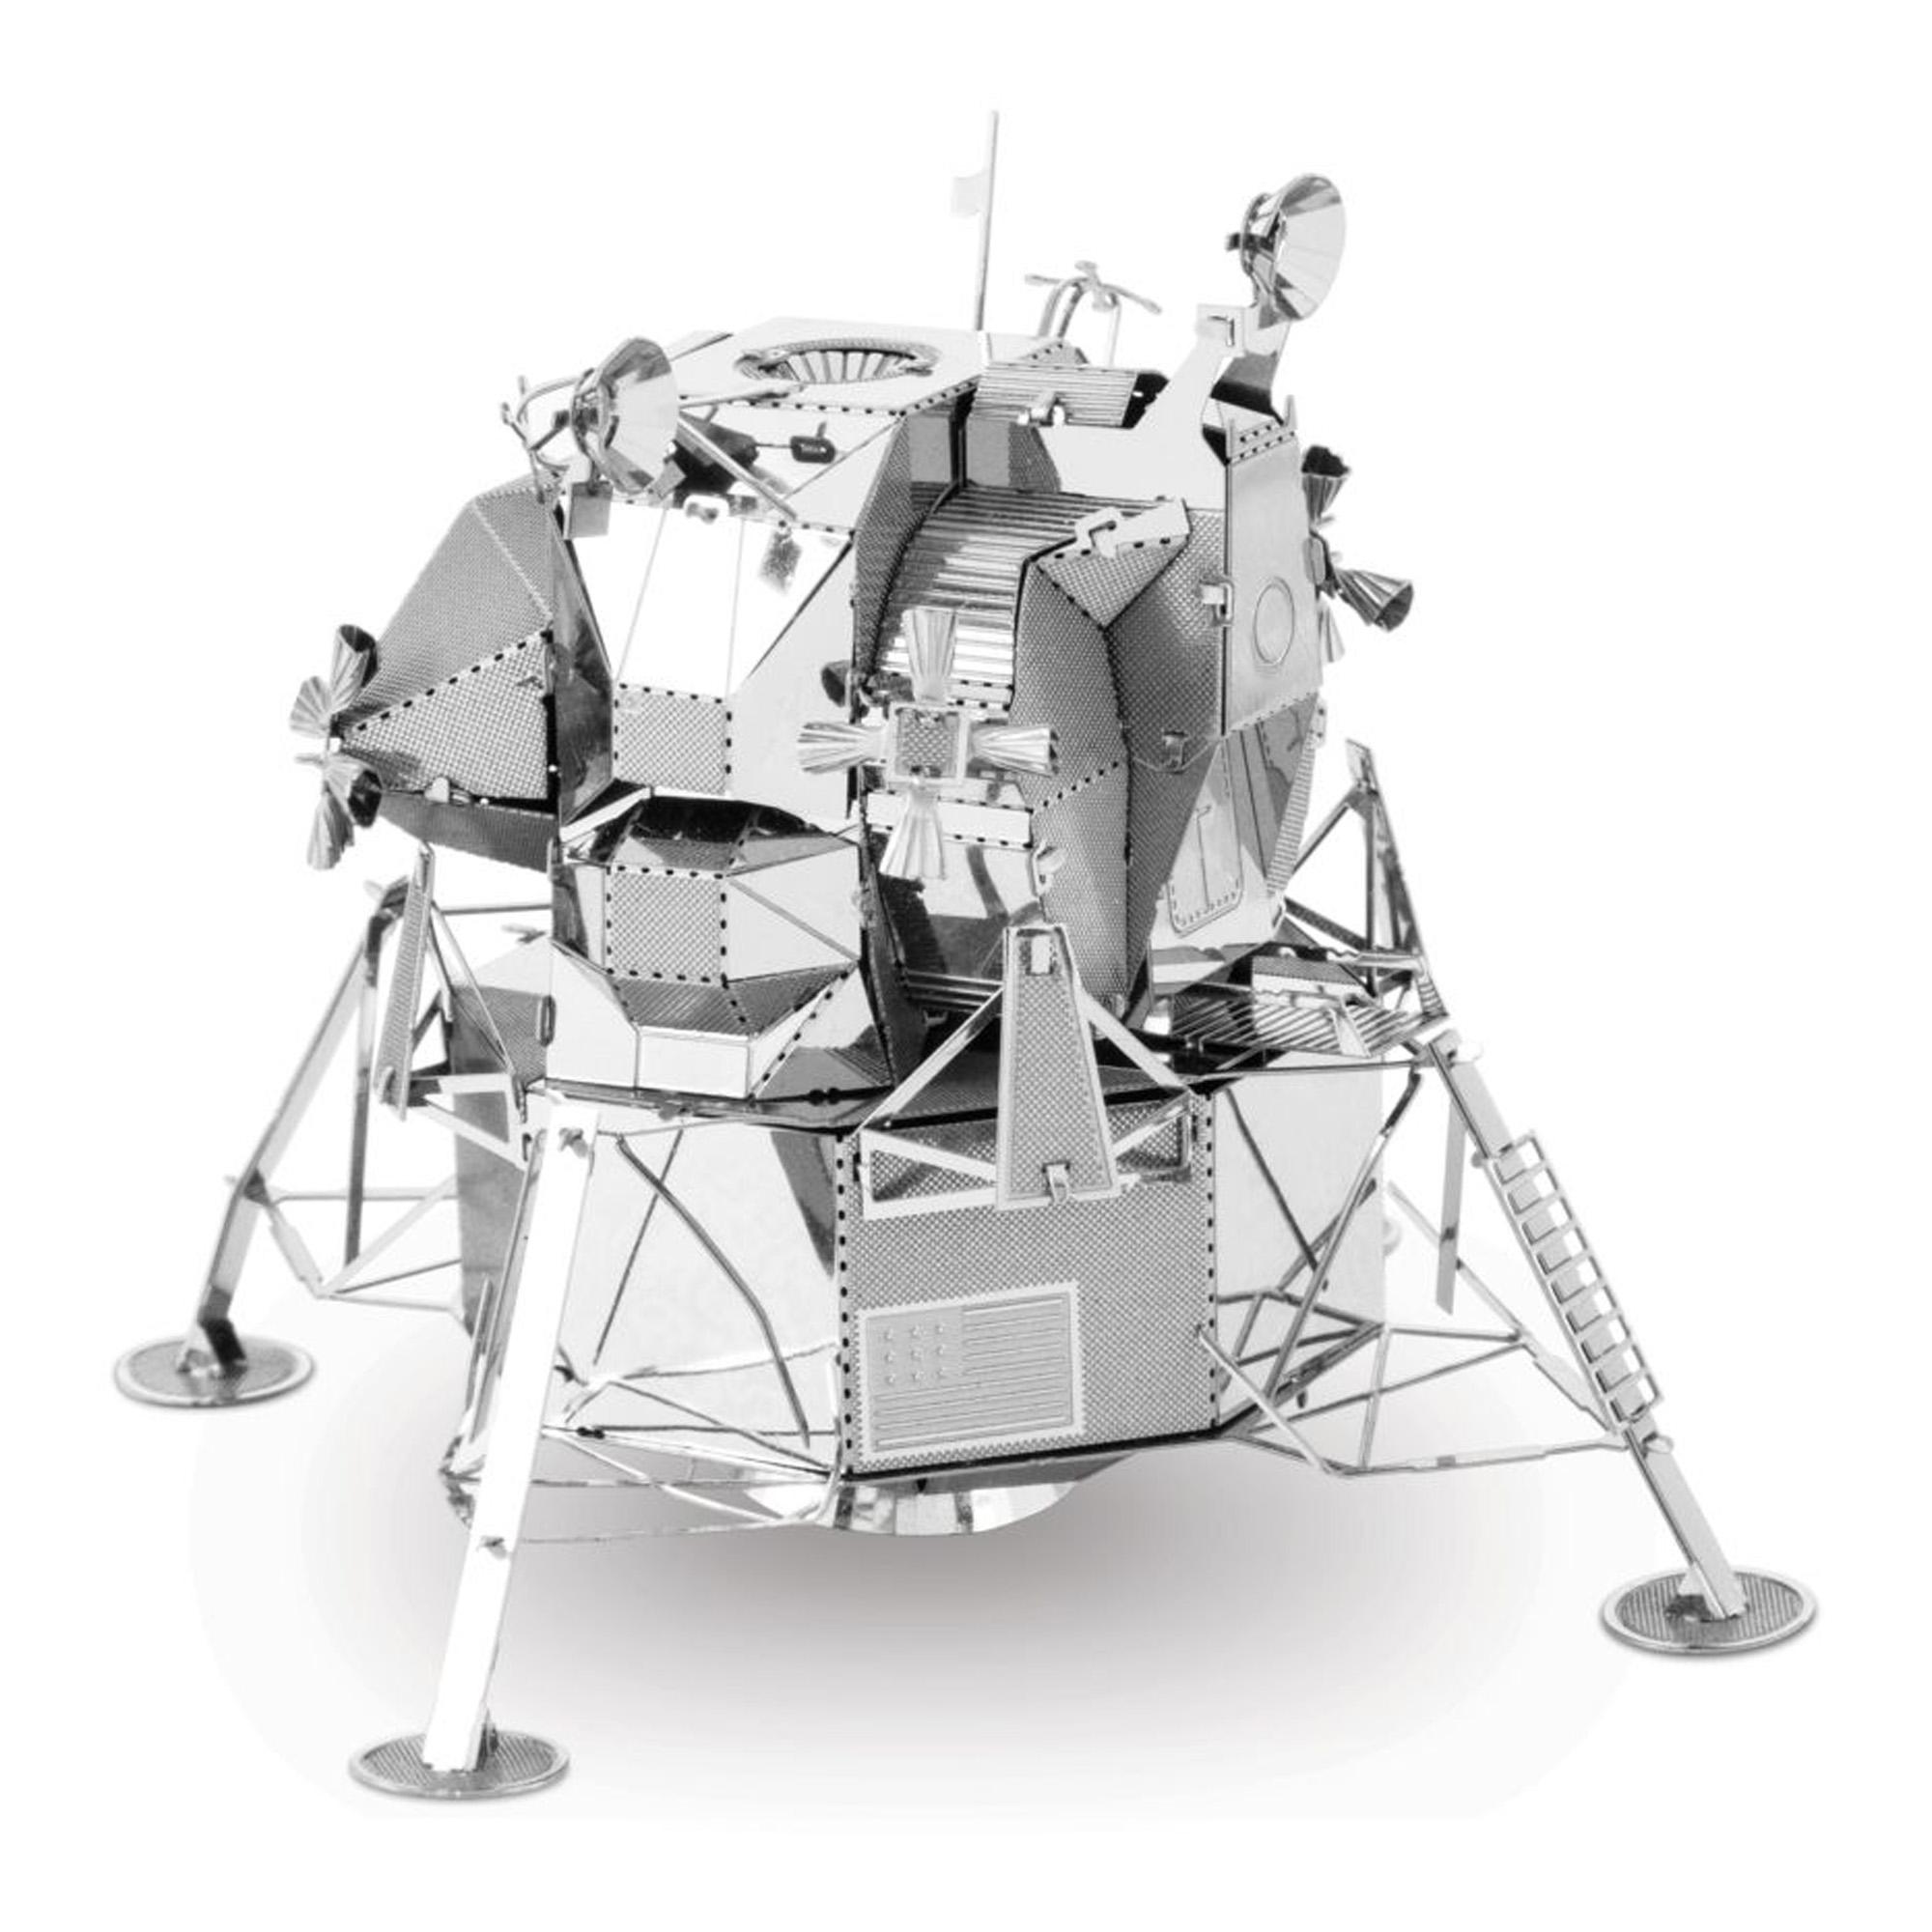 d9544a79a32 Metallkonstruktor kuukulgur Apollo - Klotsid ja konstruktorid ...